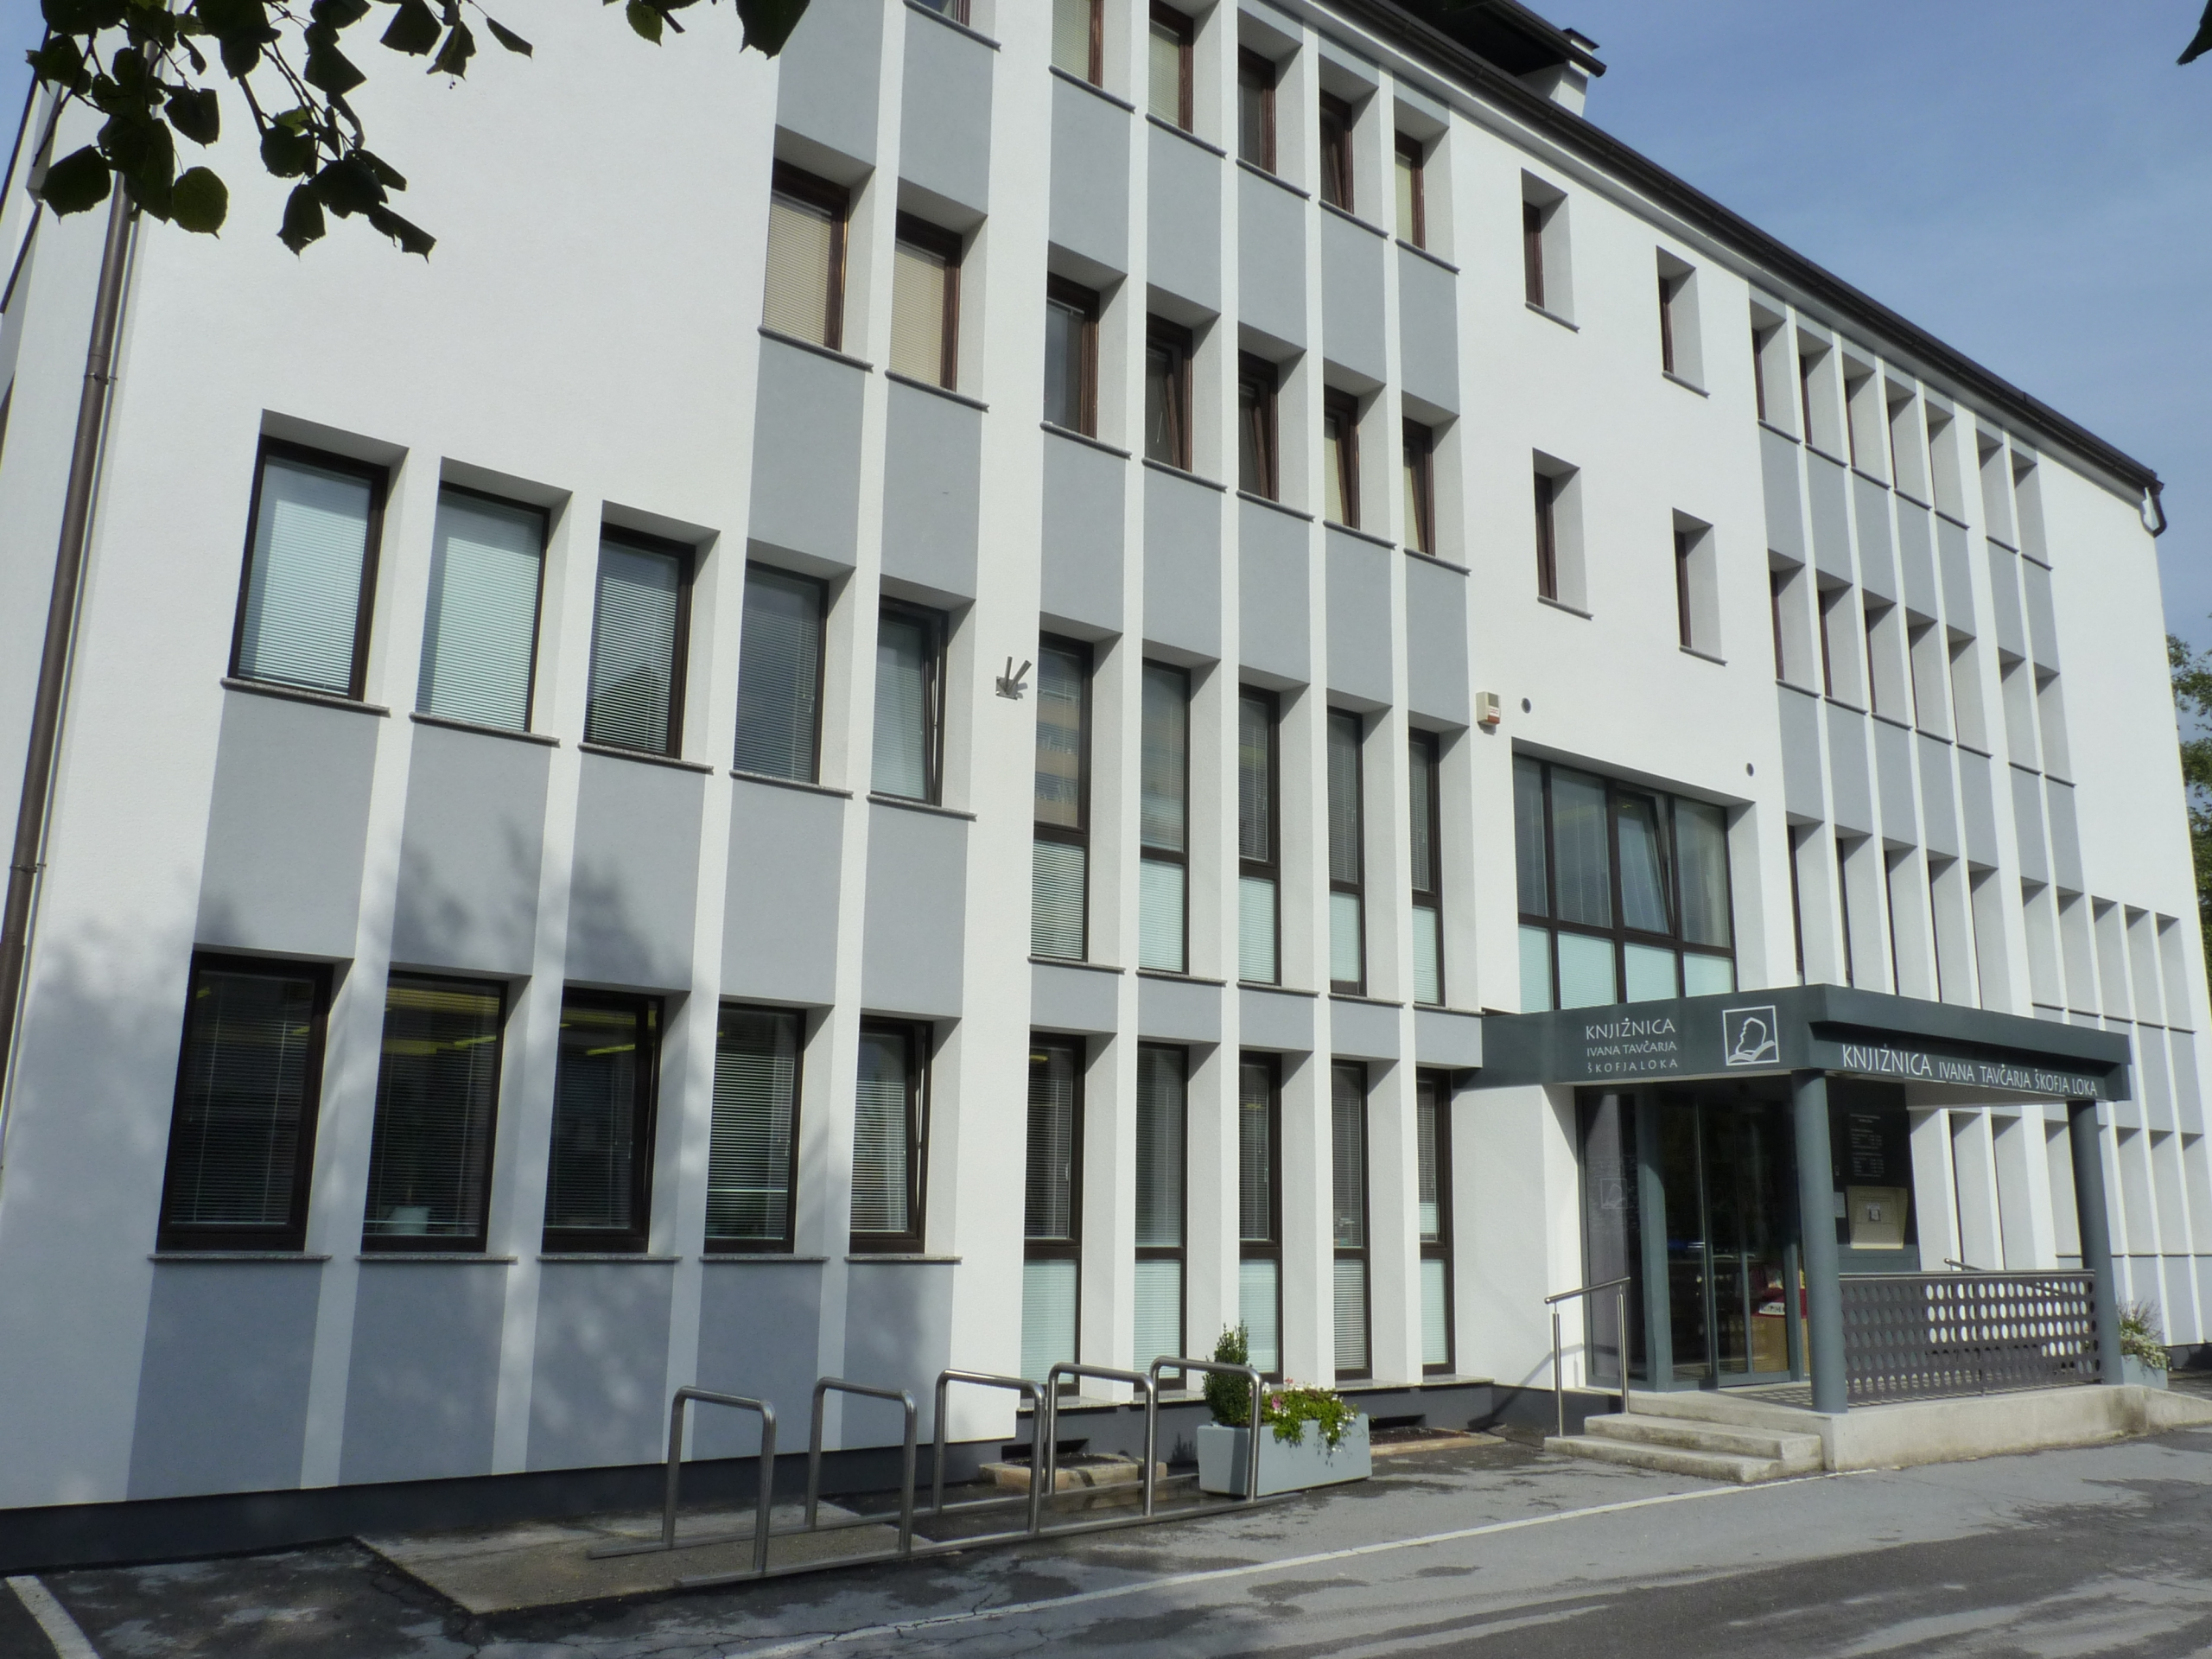 Ivan Tavčar Škofja Loka Library